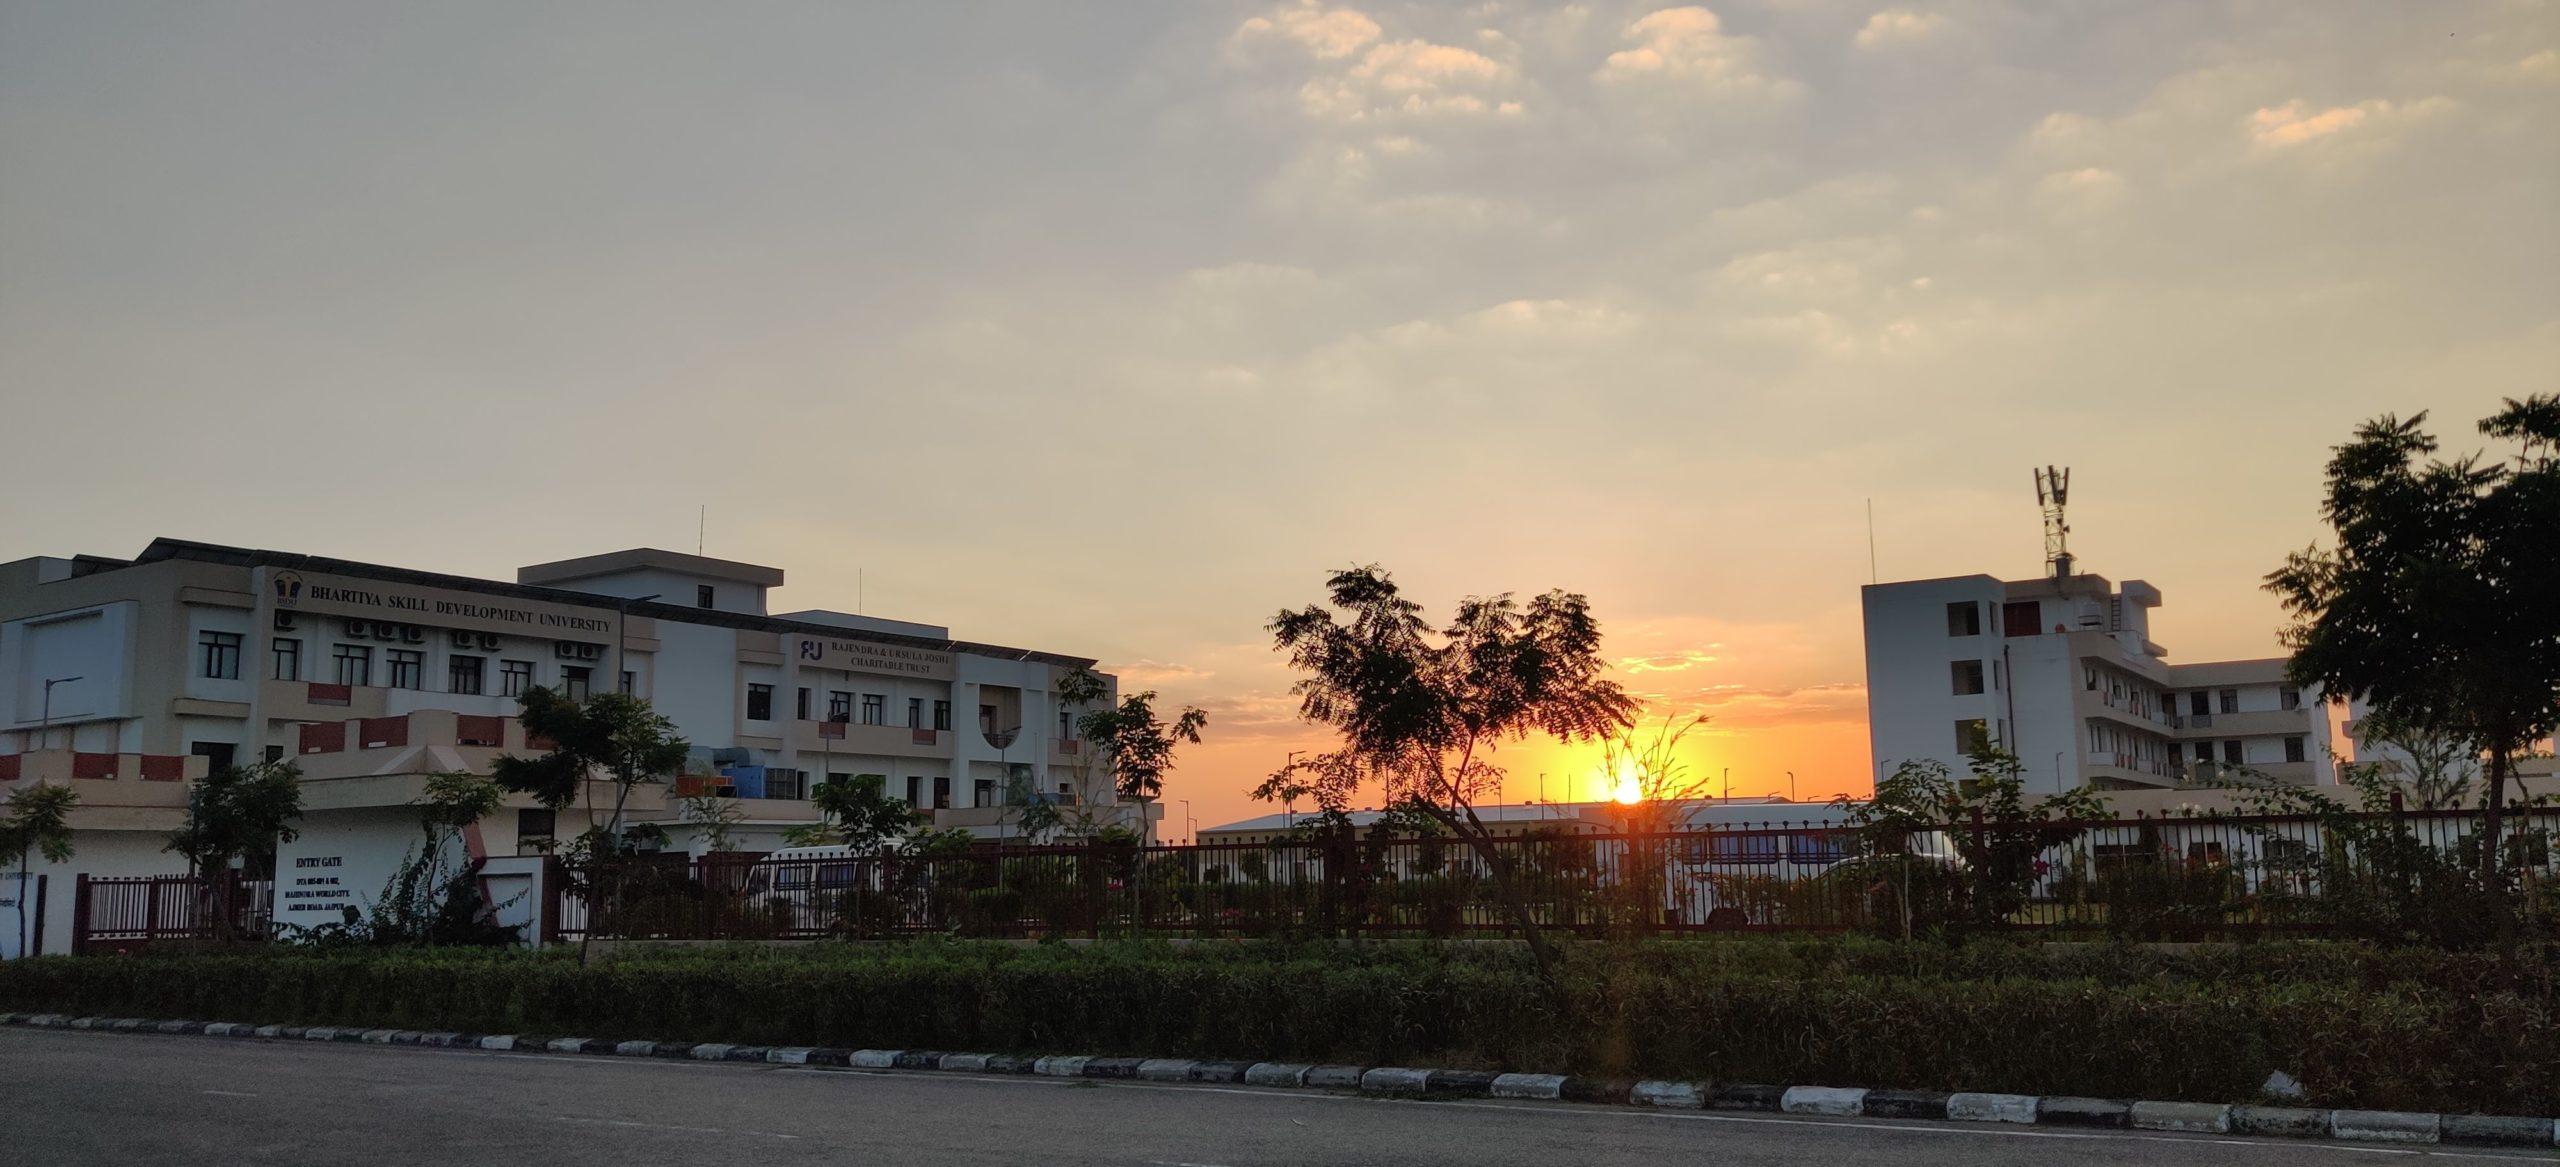 Bhartiya Skill Development University